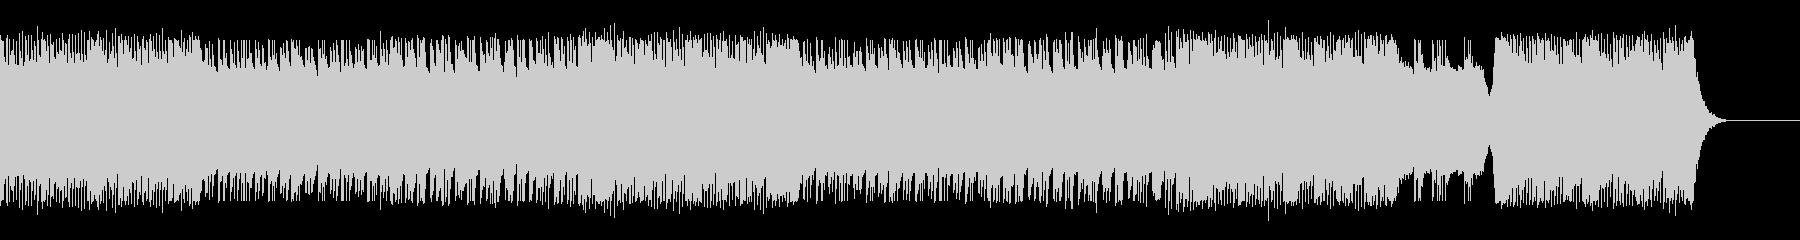 民族系/重低音/808/動画向き/#2の未再生の波形